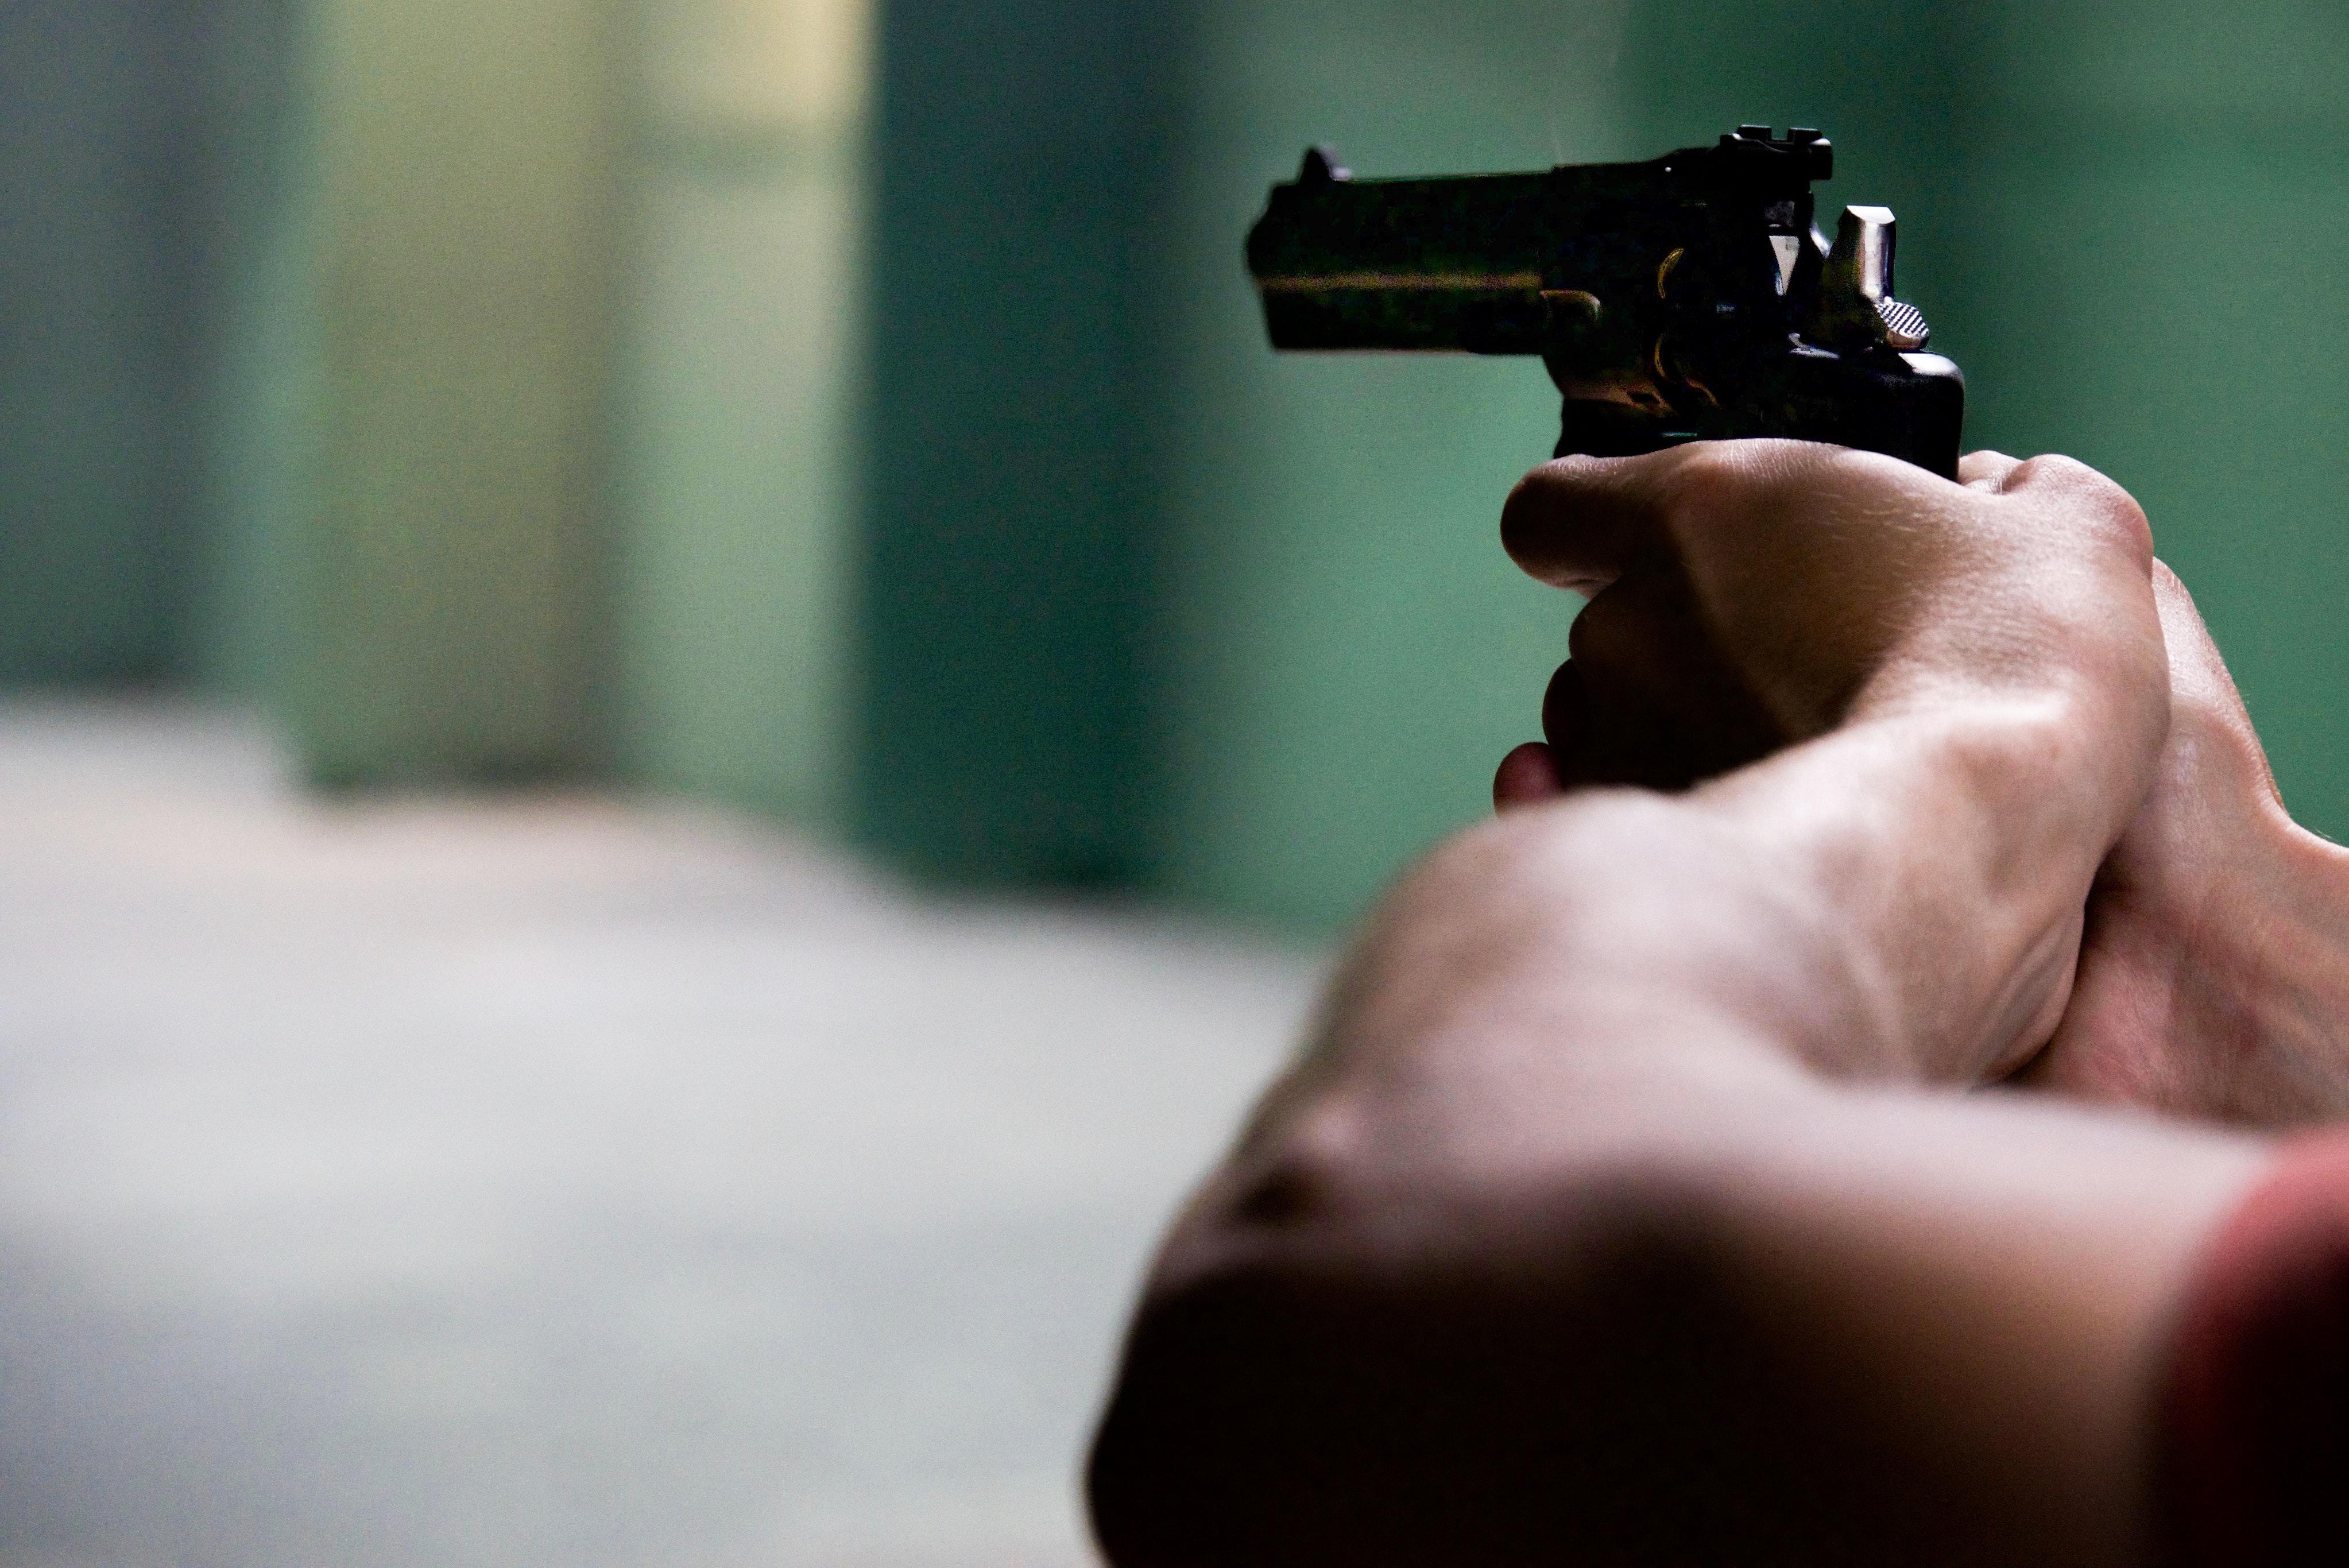 Нацполіція викрила копів, які продавали дозвіл на зброю: деталі та версія слідства